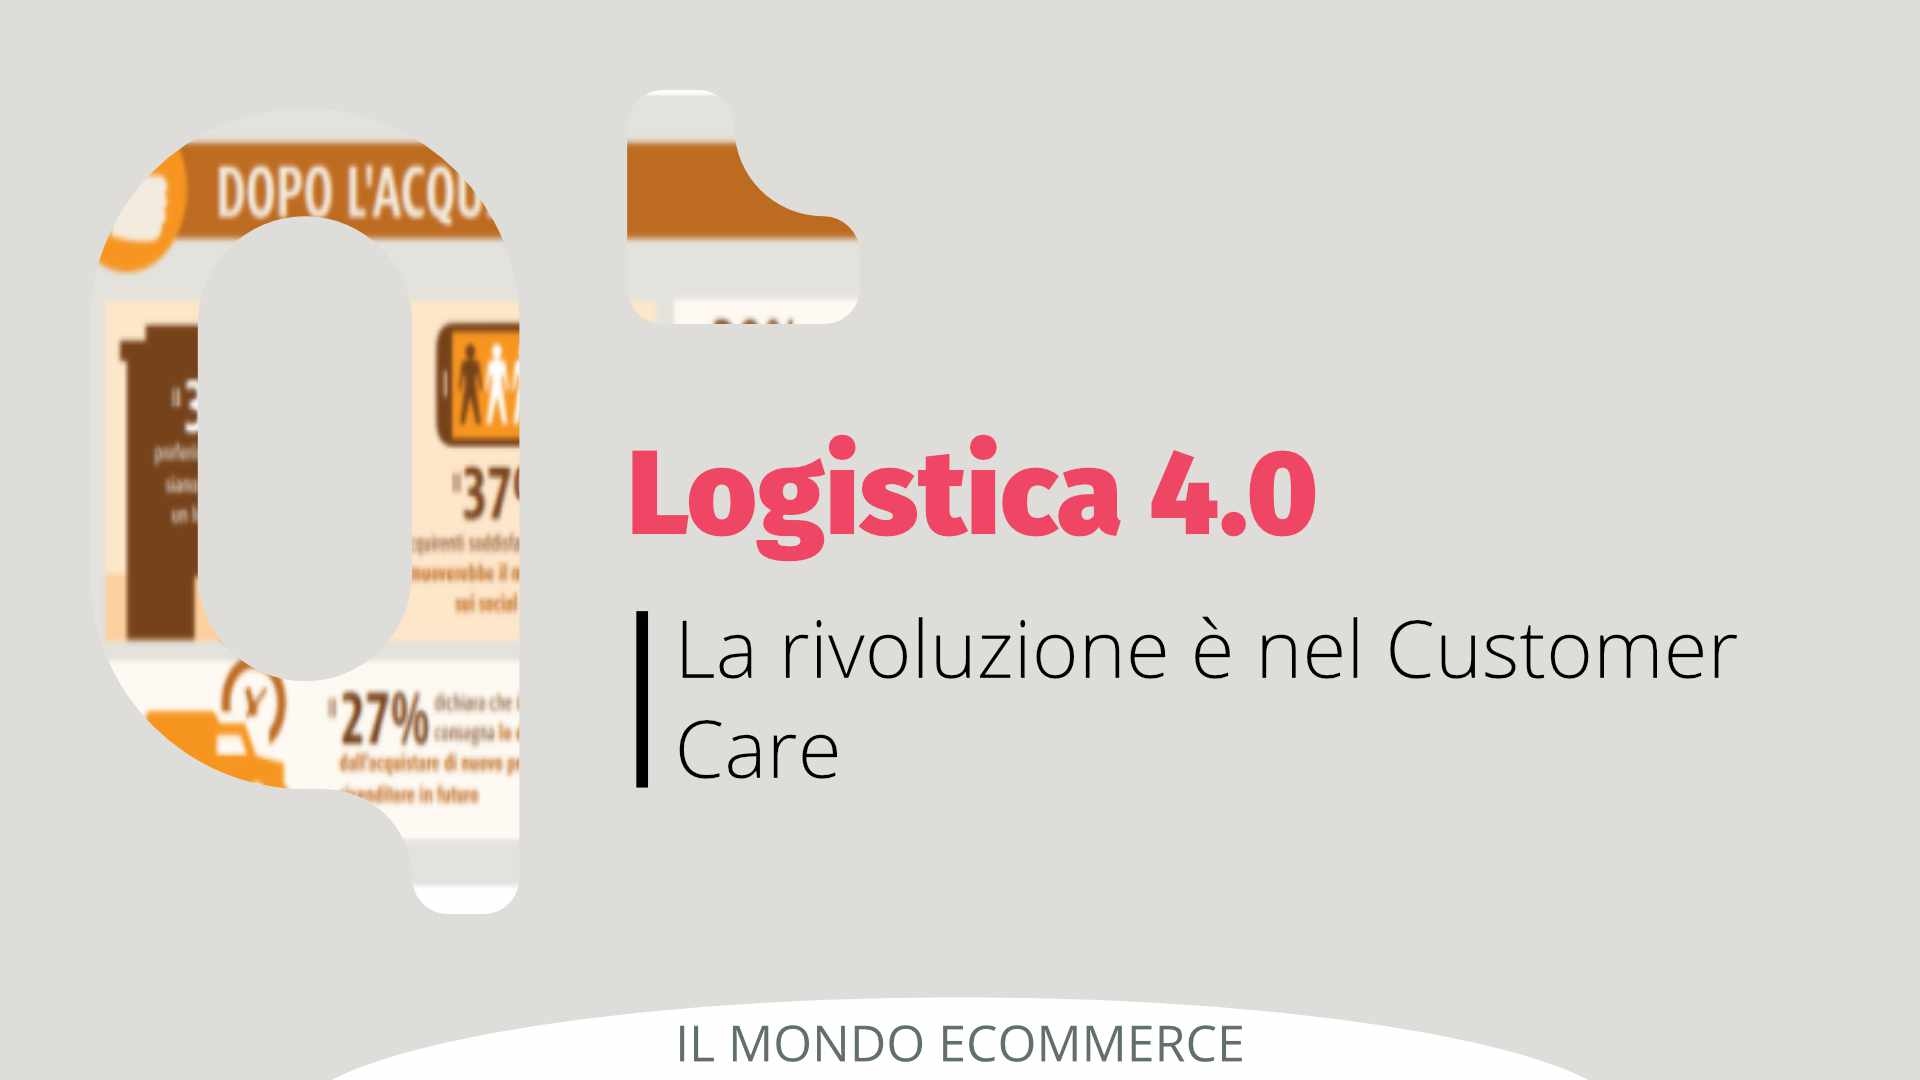 La rivoluzione della logistica 4.0 è nel Customer Care